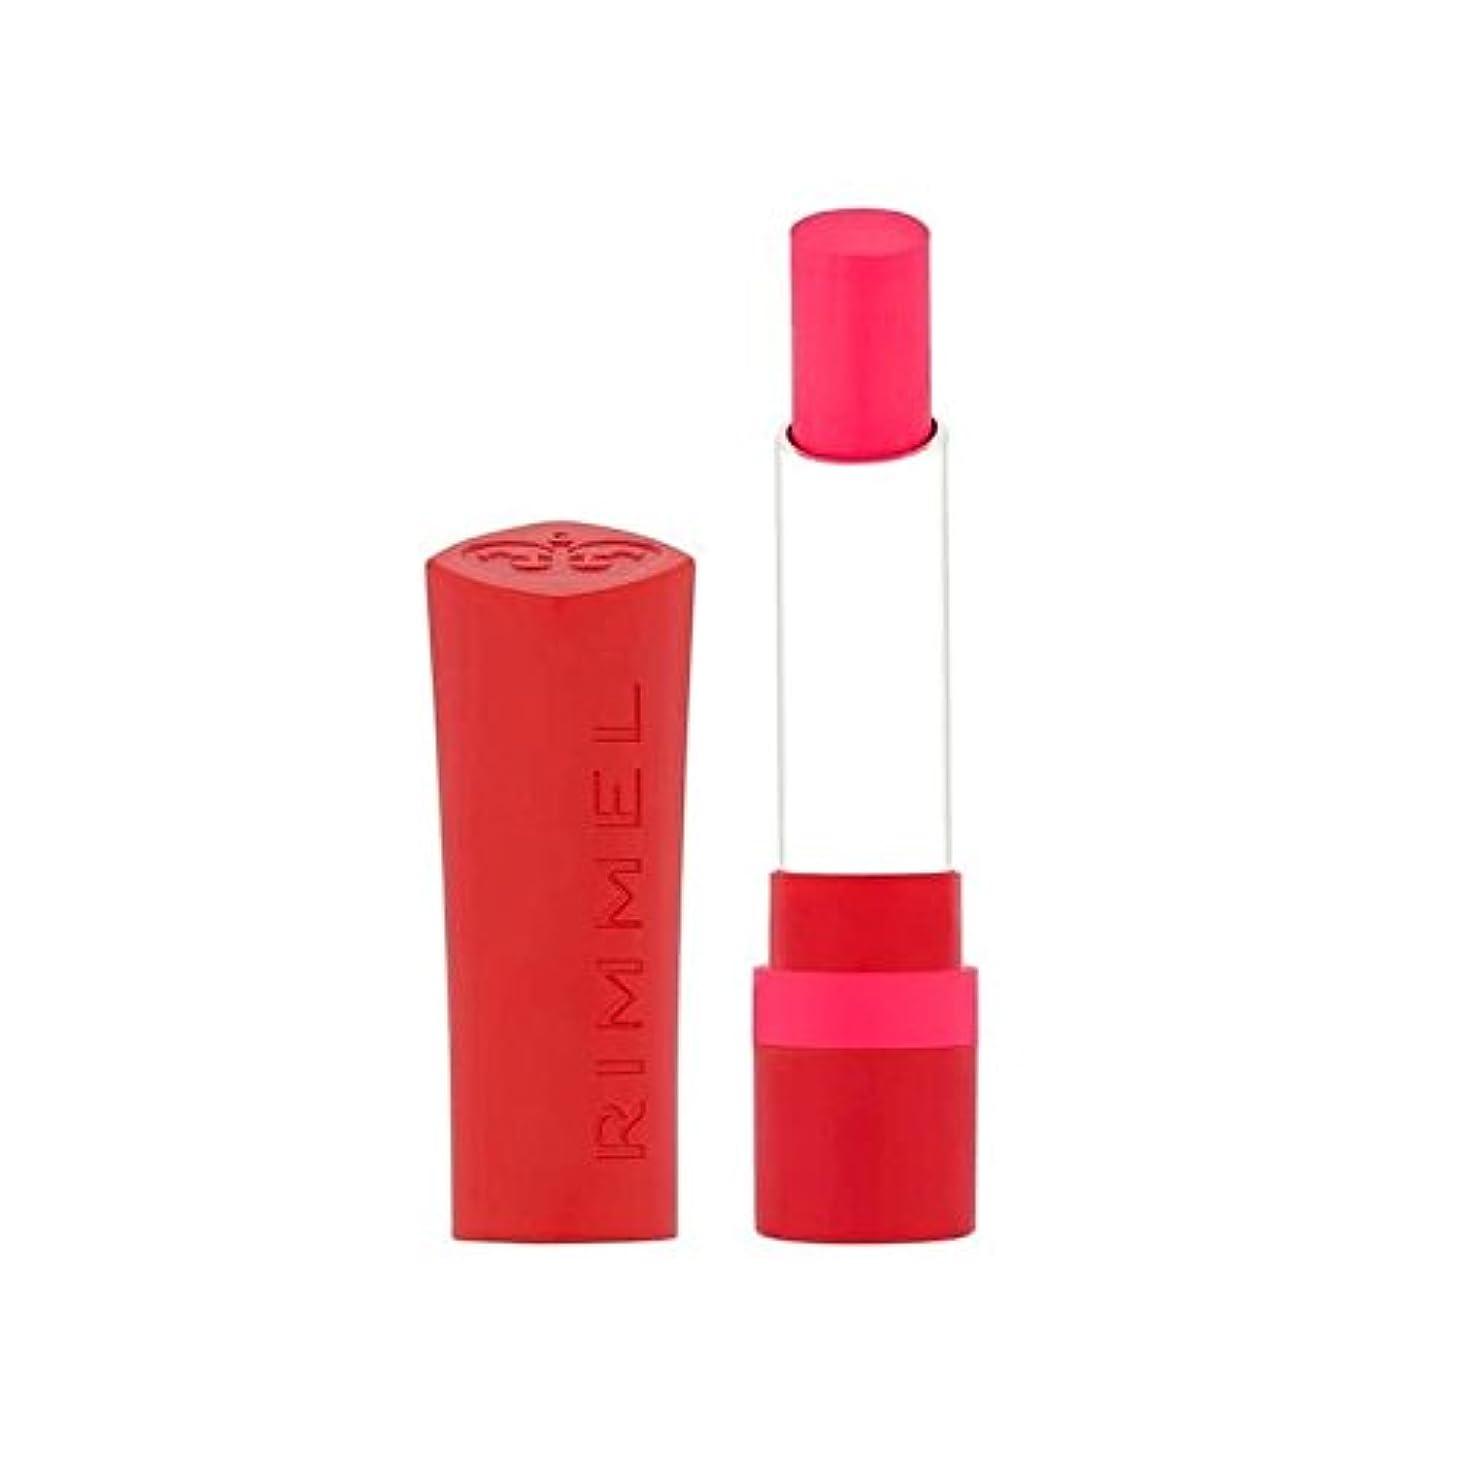 グリップずんぐりした役に立たないRimmel The Only 1 Matte Lipstick Call the Shots (Pack of 6) - リンメルのみ1枚のマット口紅は、ショットを呼び出します x6 [並行輸入品]